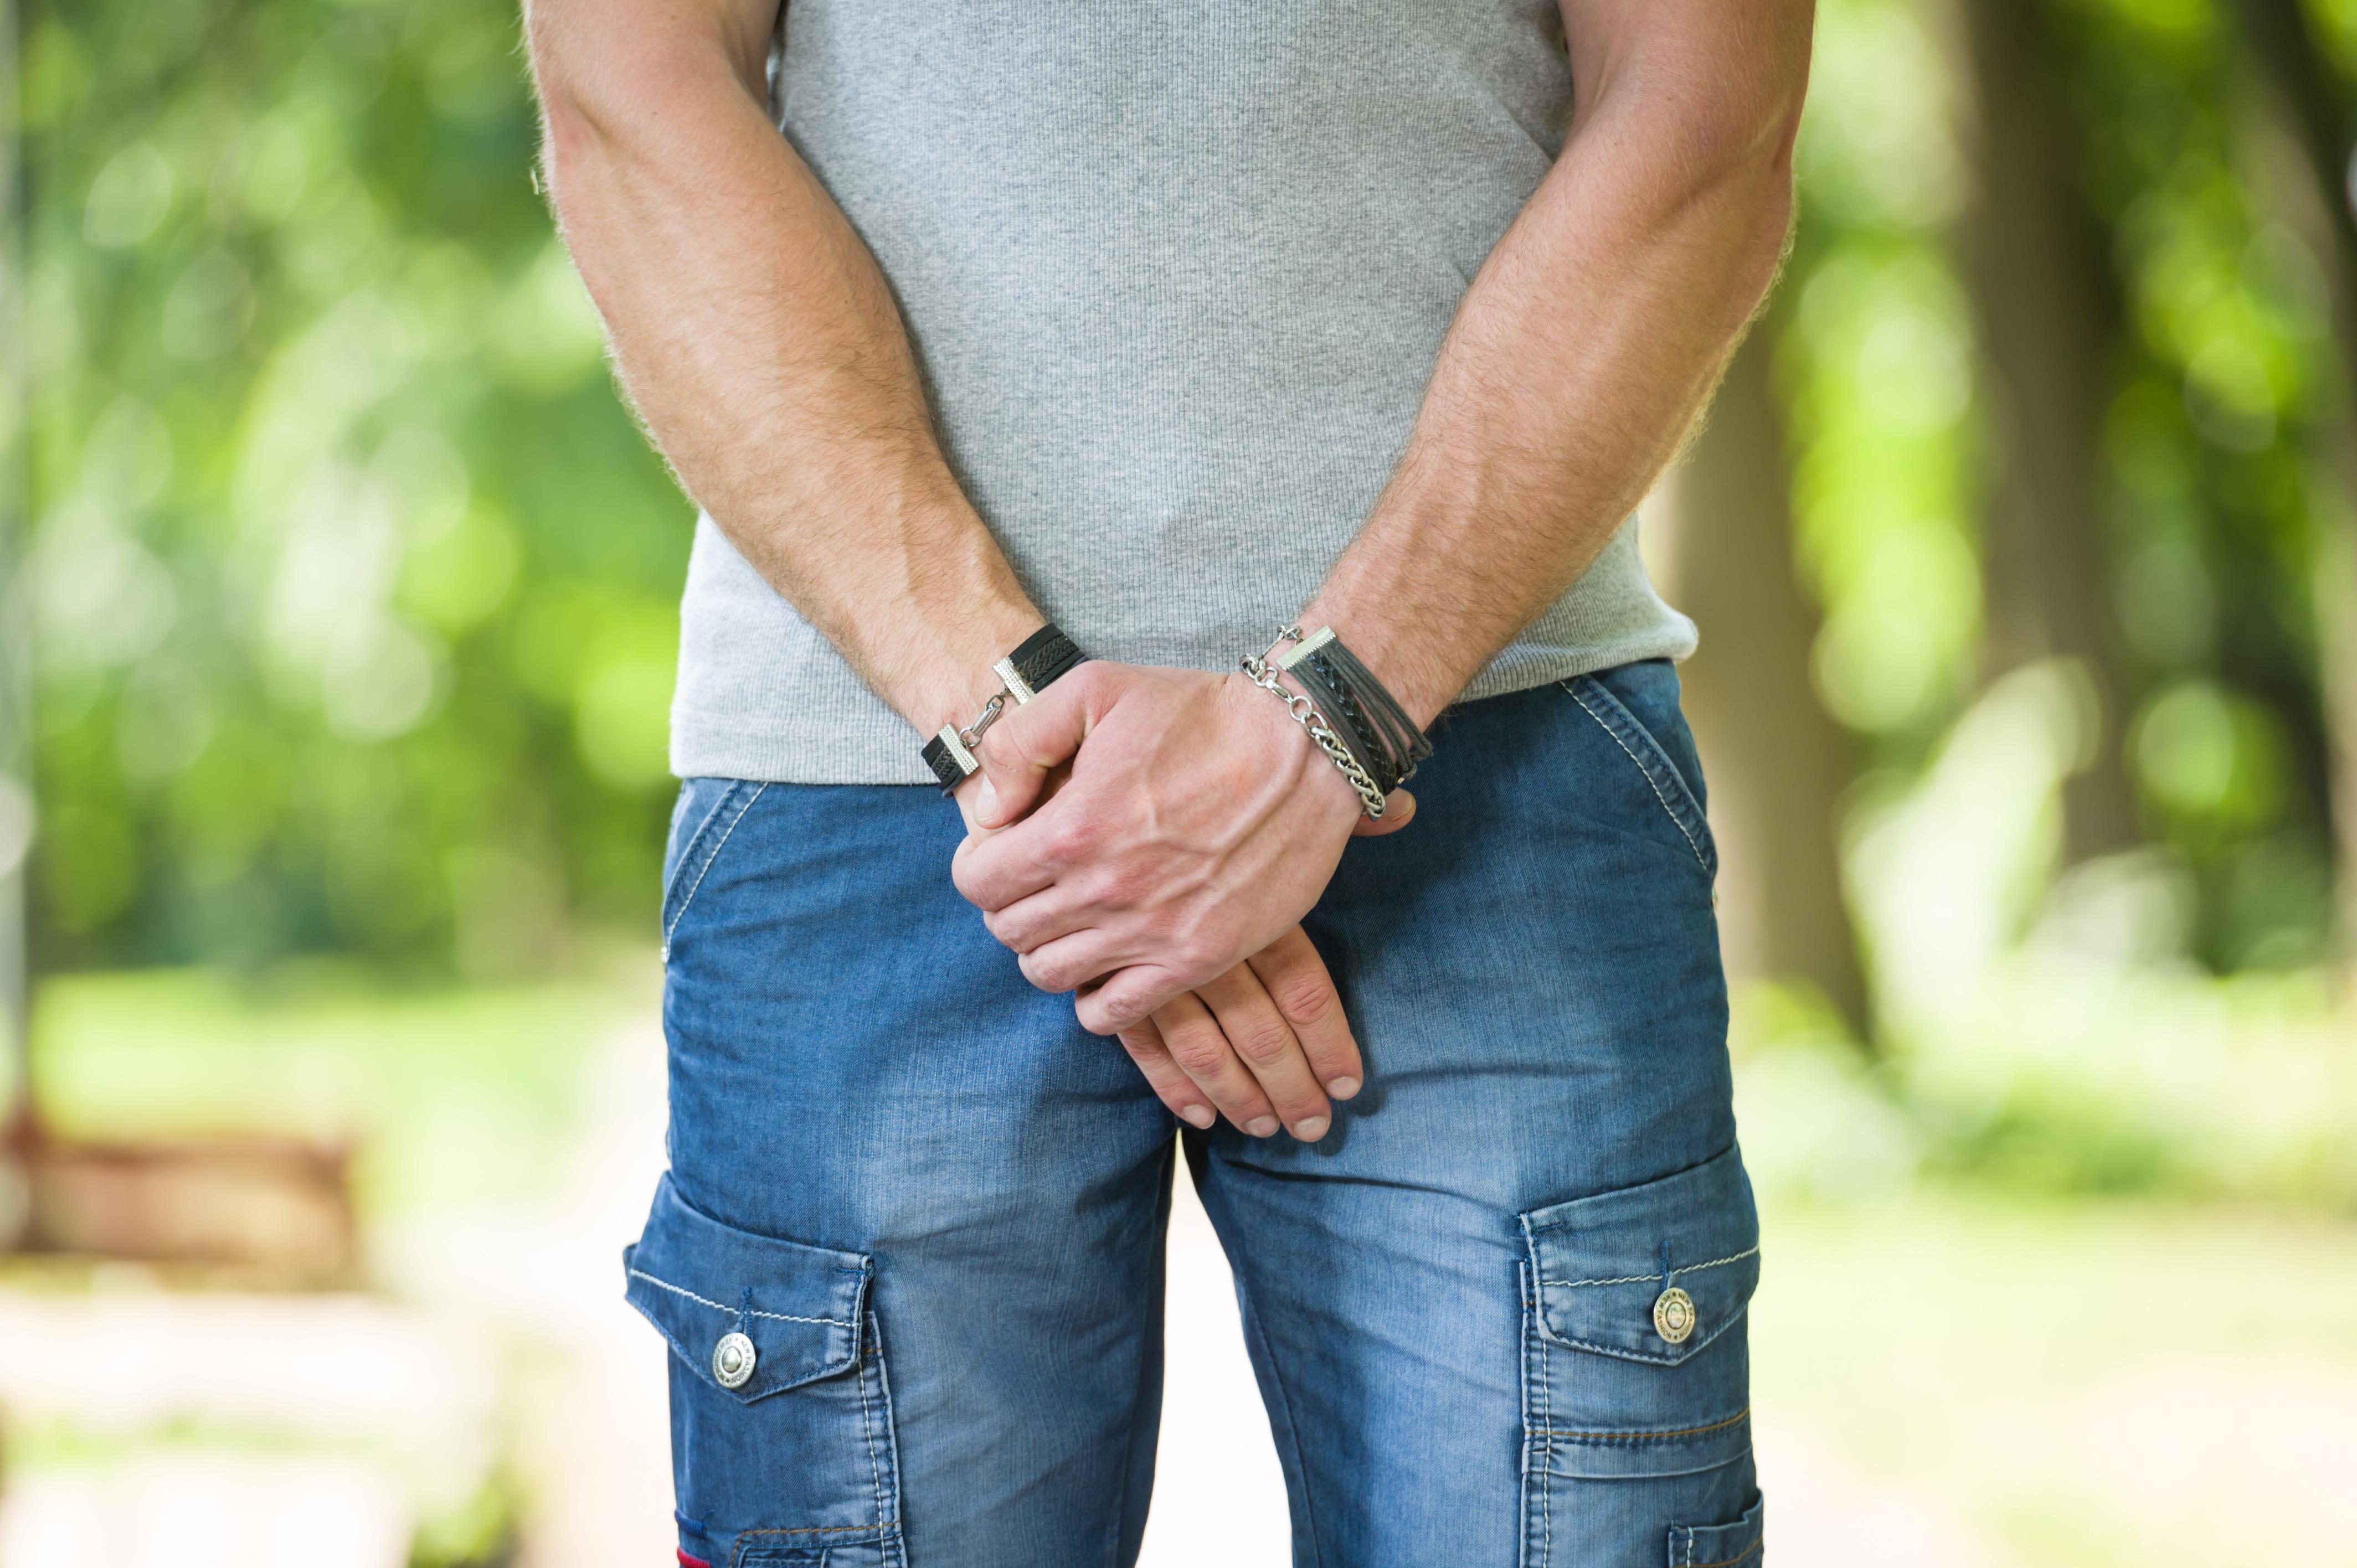 Prosztata- kezelés népi módszerekkel Osteochondidrosis vagy prostatitis